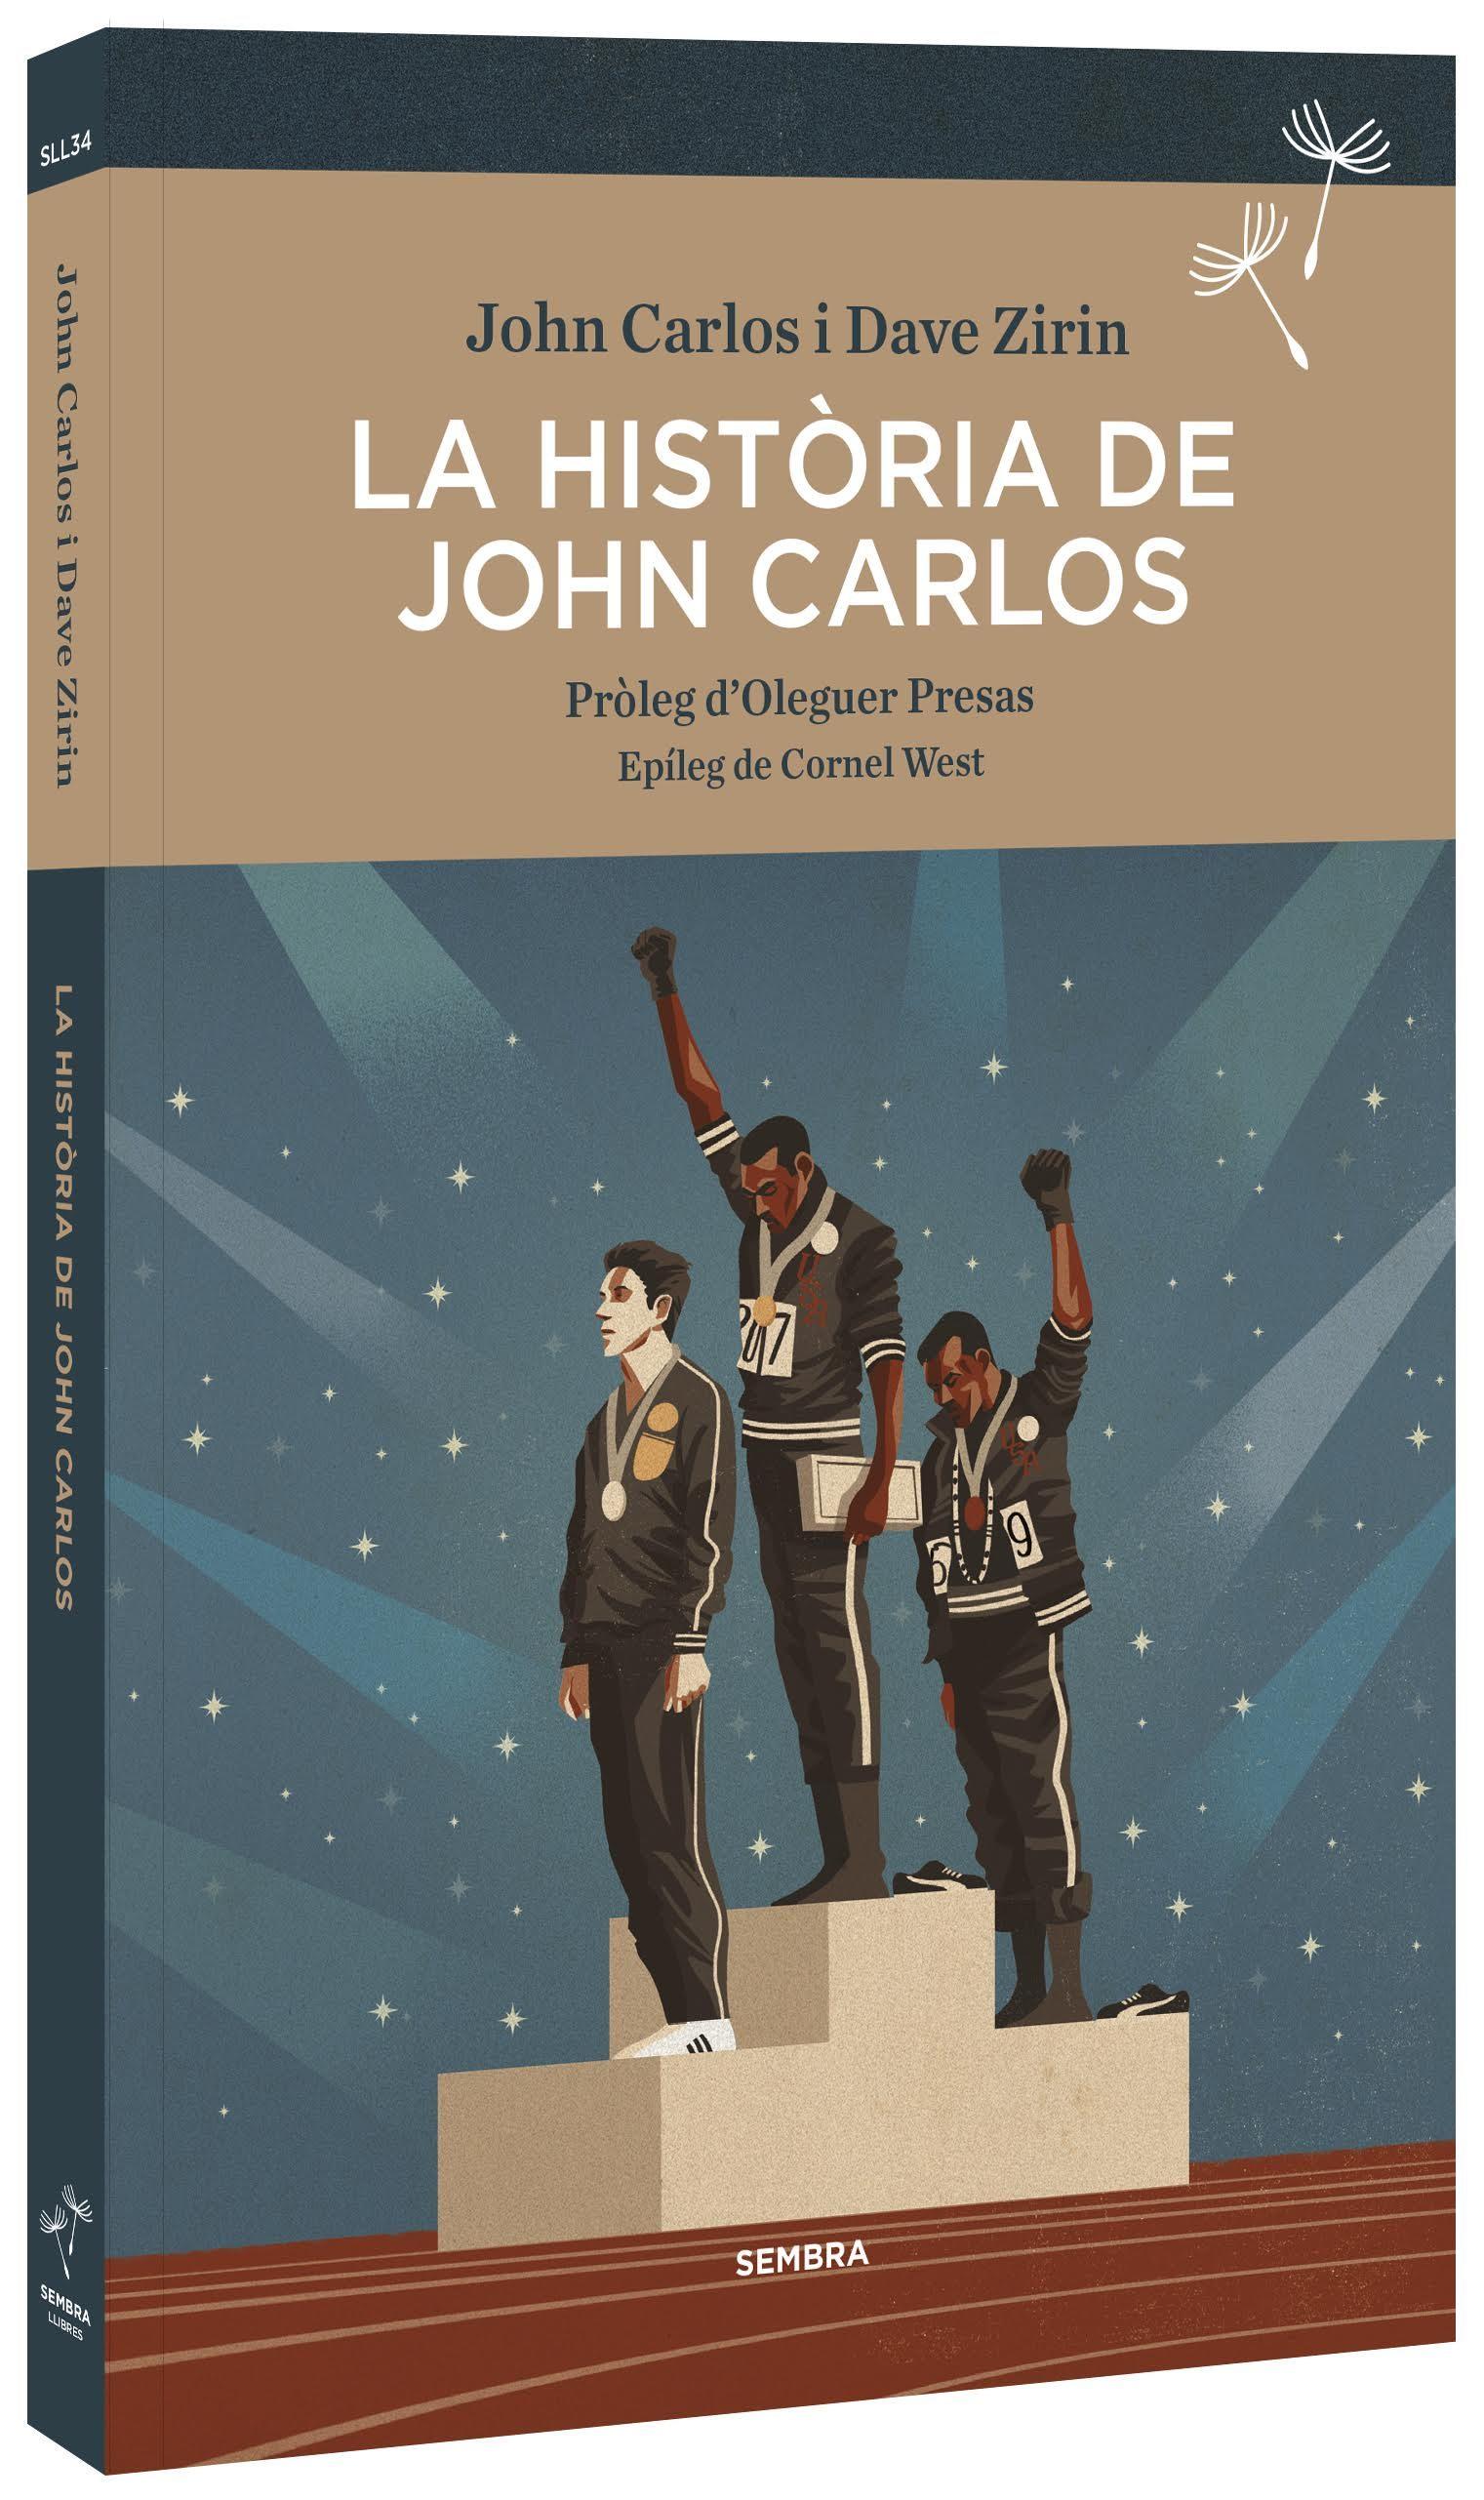 la història de john carlos-john carlos-dave zirin-9788416698226